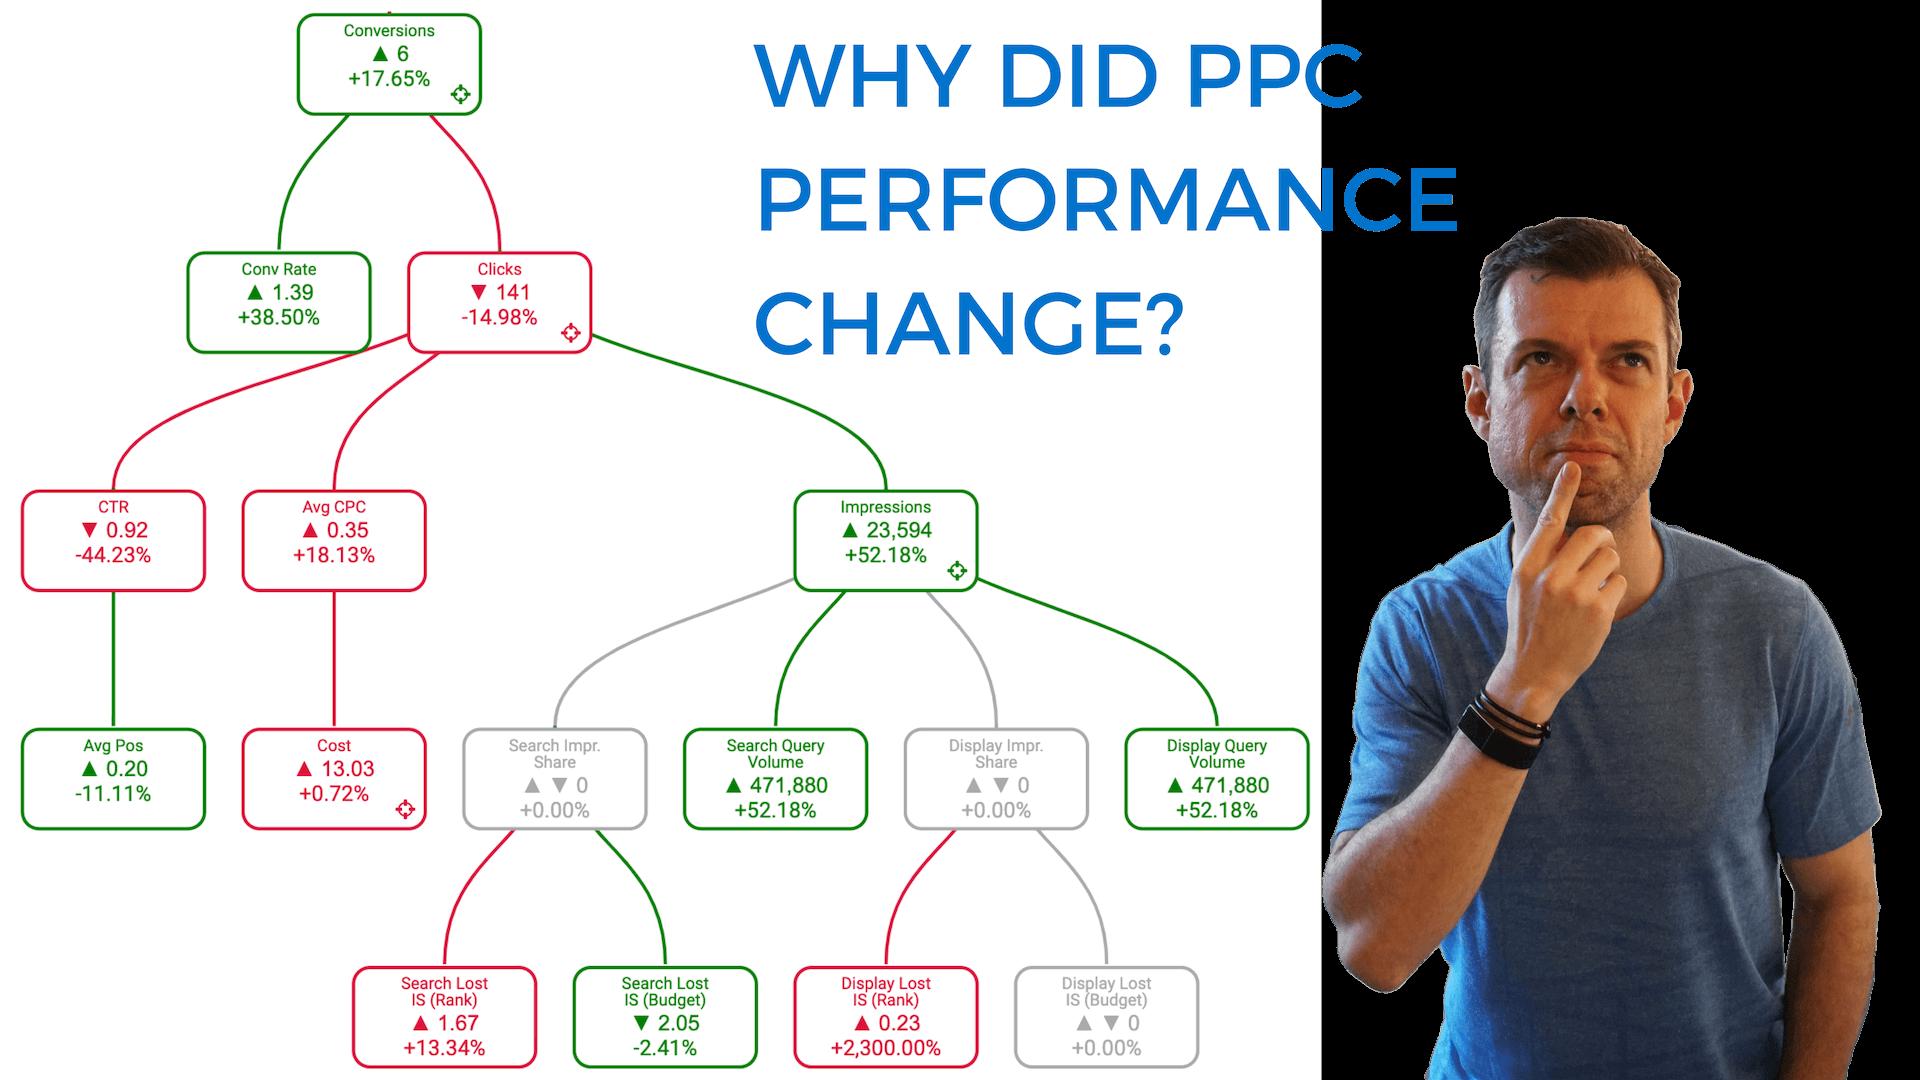 Cómo comprobar por qué cambió el rendimiento de PPC